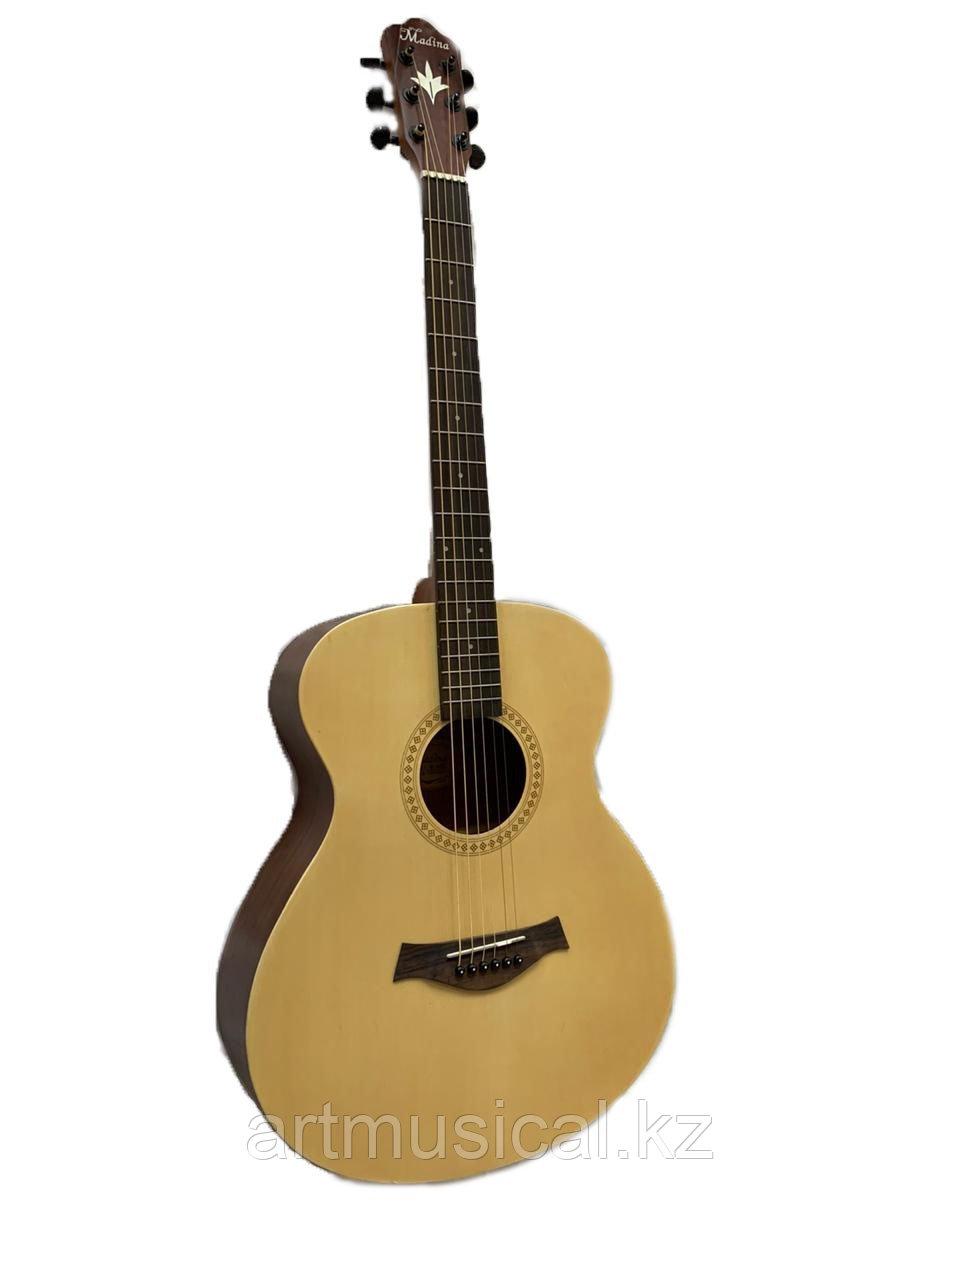 Акустическая гитара Madina M48C